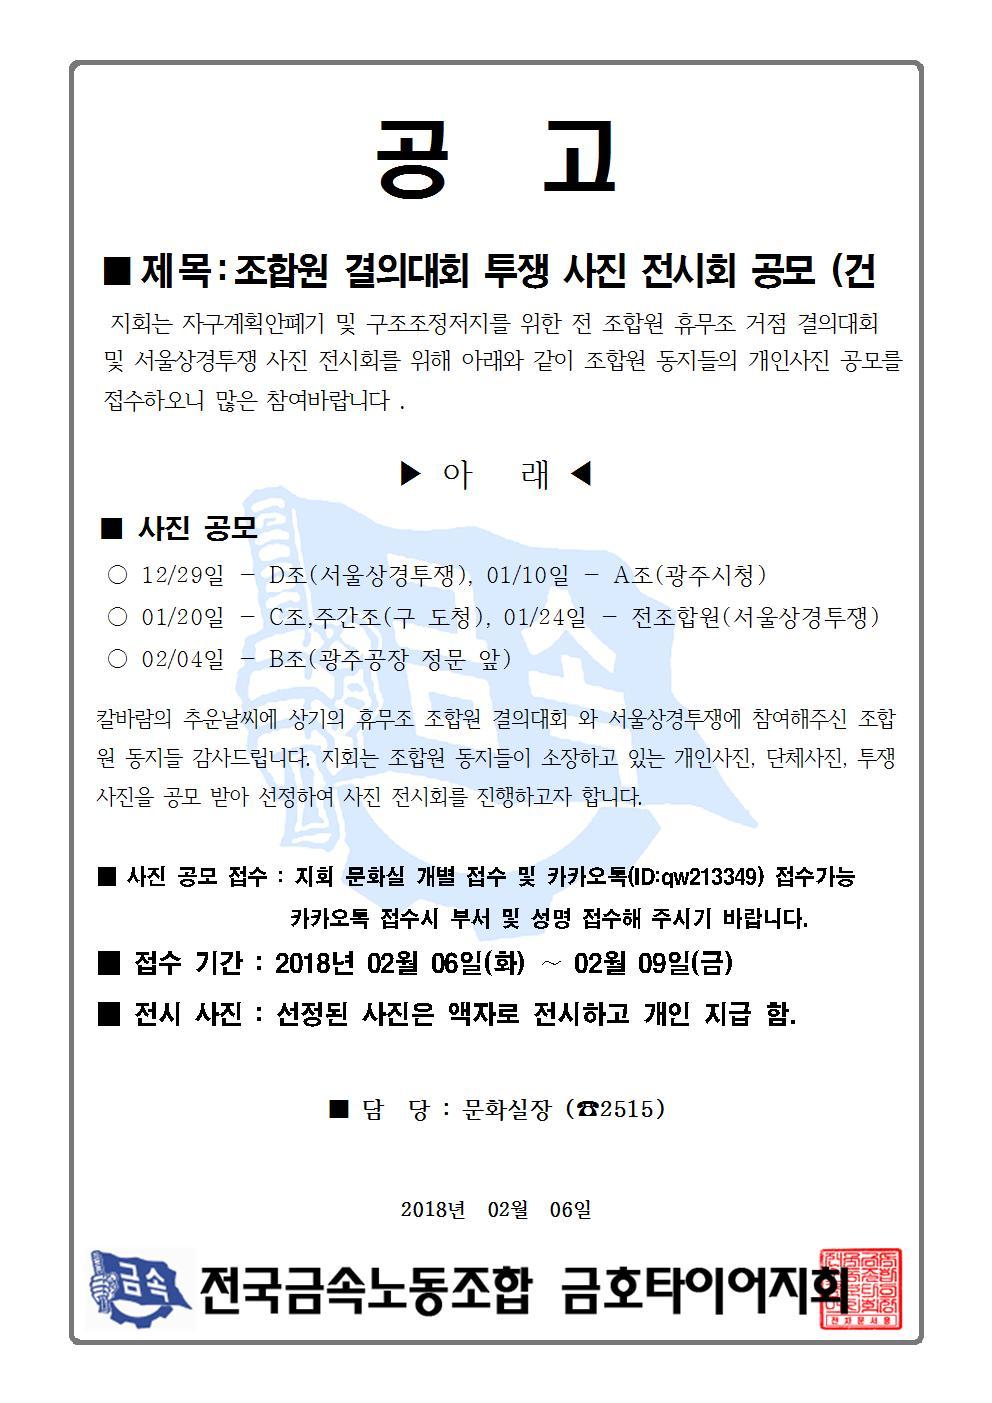 조합원결의대회 사진전 공모 공고001.jpg